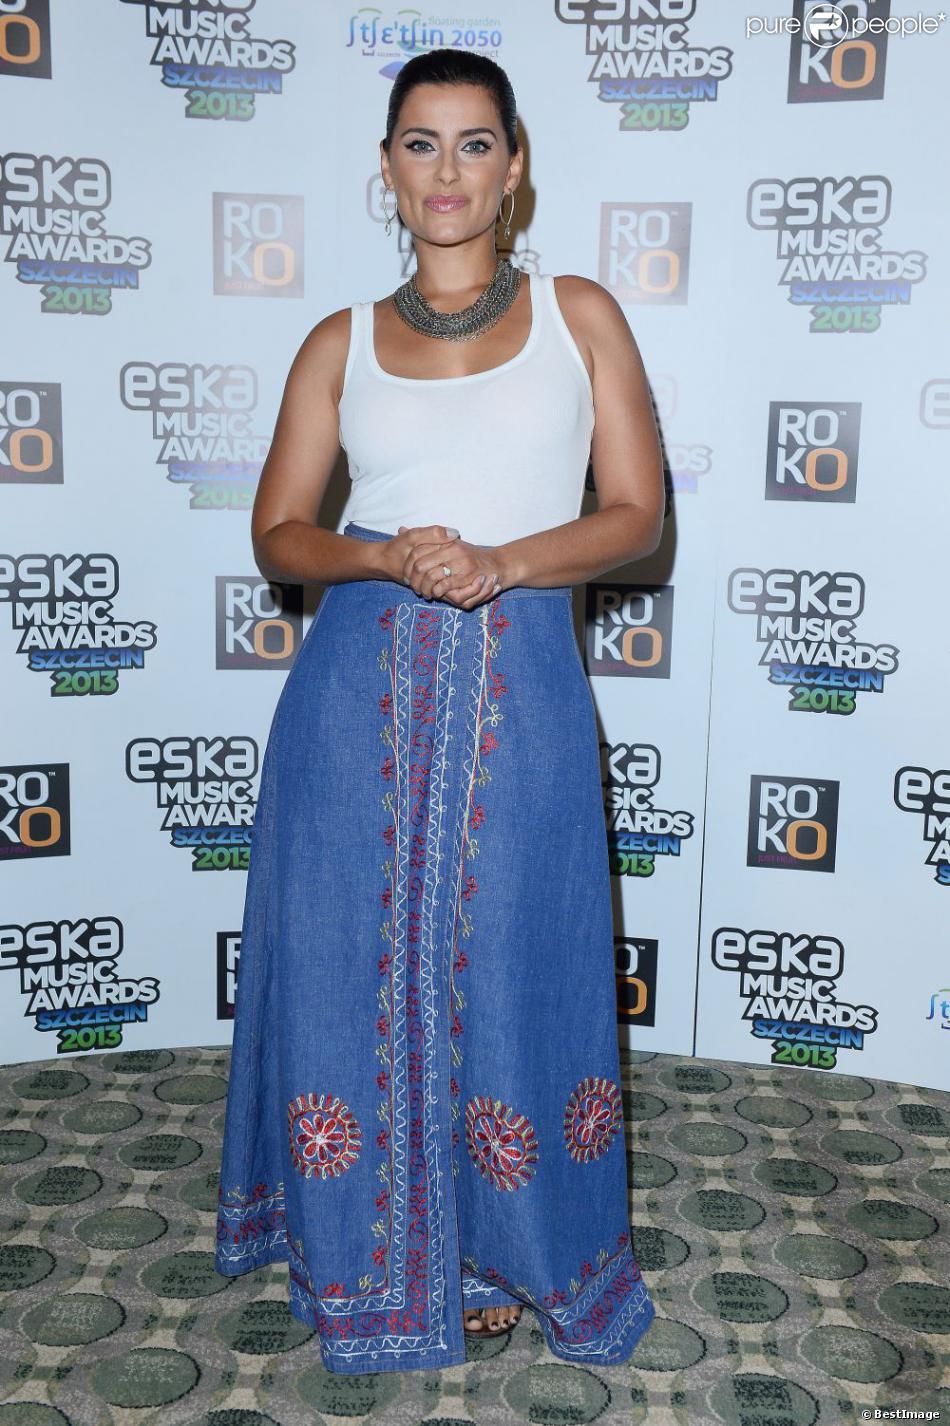 Nelly Furtado assiste à la conférence de presse du gala Eska Music Awards 2013 à Szczecin en Pologne, le 4 août 2013.